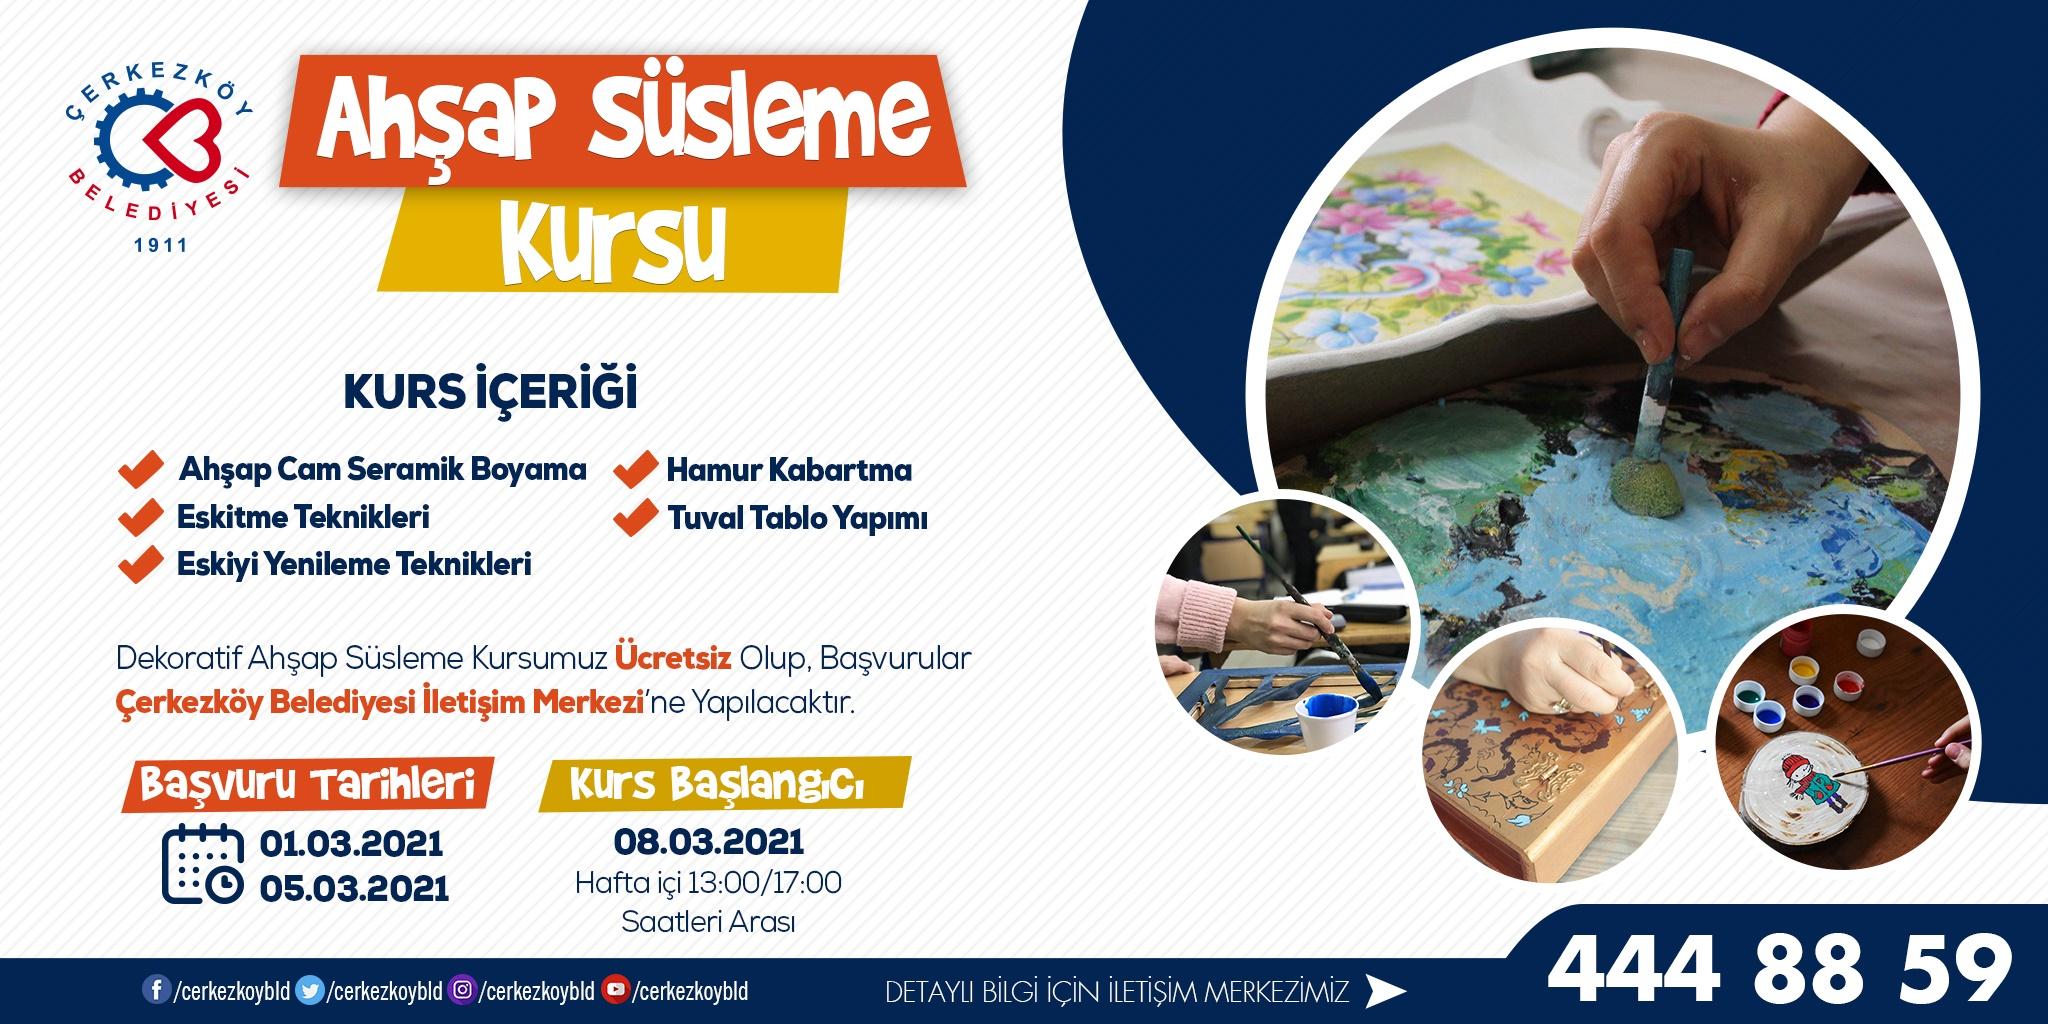 Çerkezköy'de Dekoratif Ahşap Süsleme Kursu Kayıtları Alınıyor